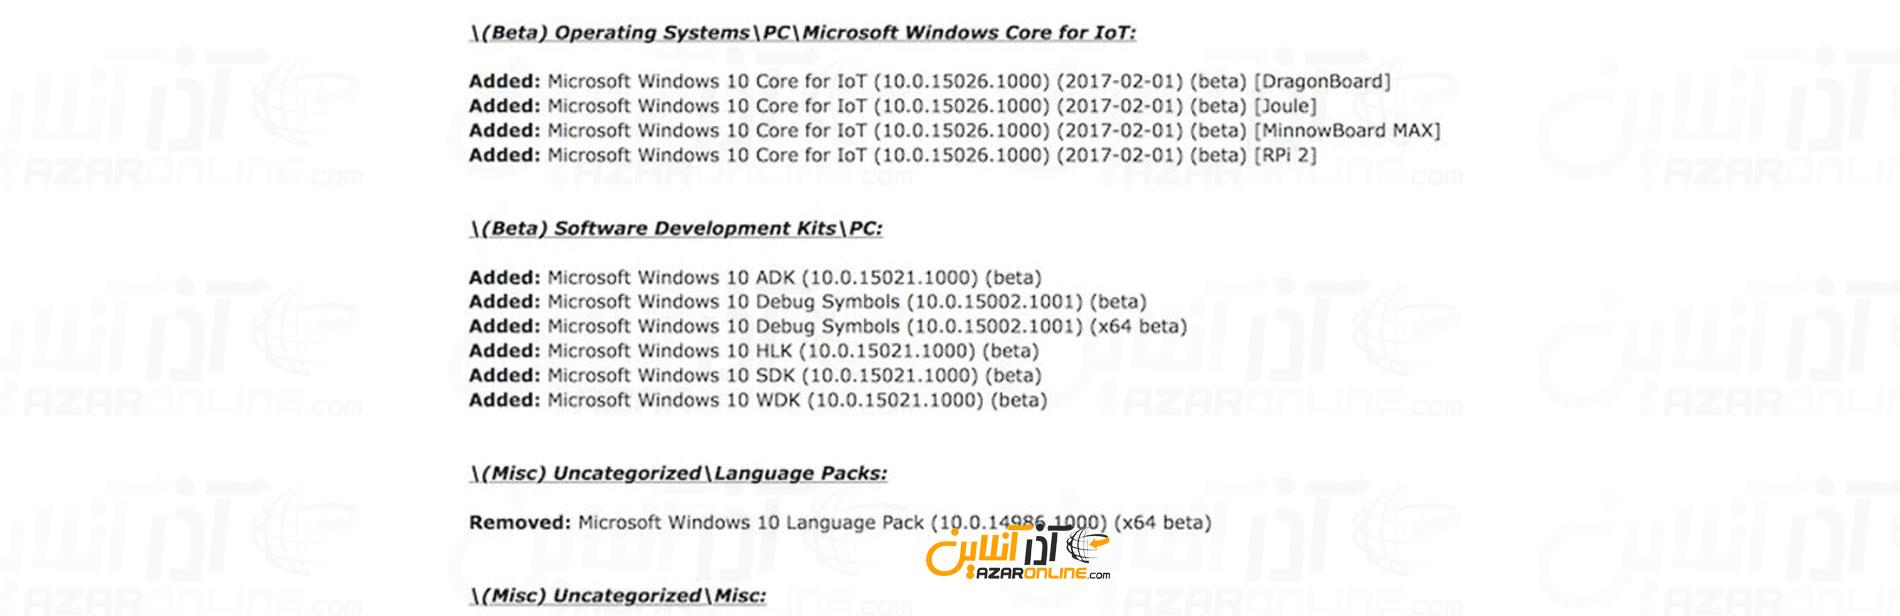 لیست برخی از اطلاعات ربوده شده از مایکروسافت